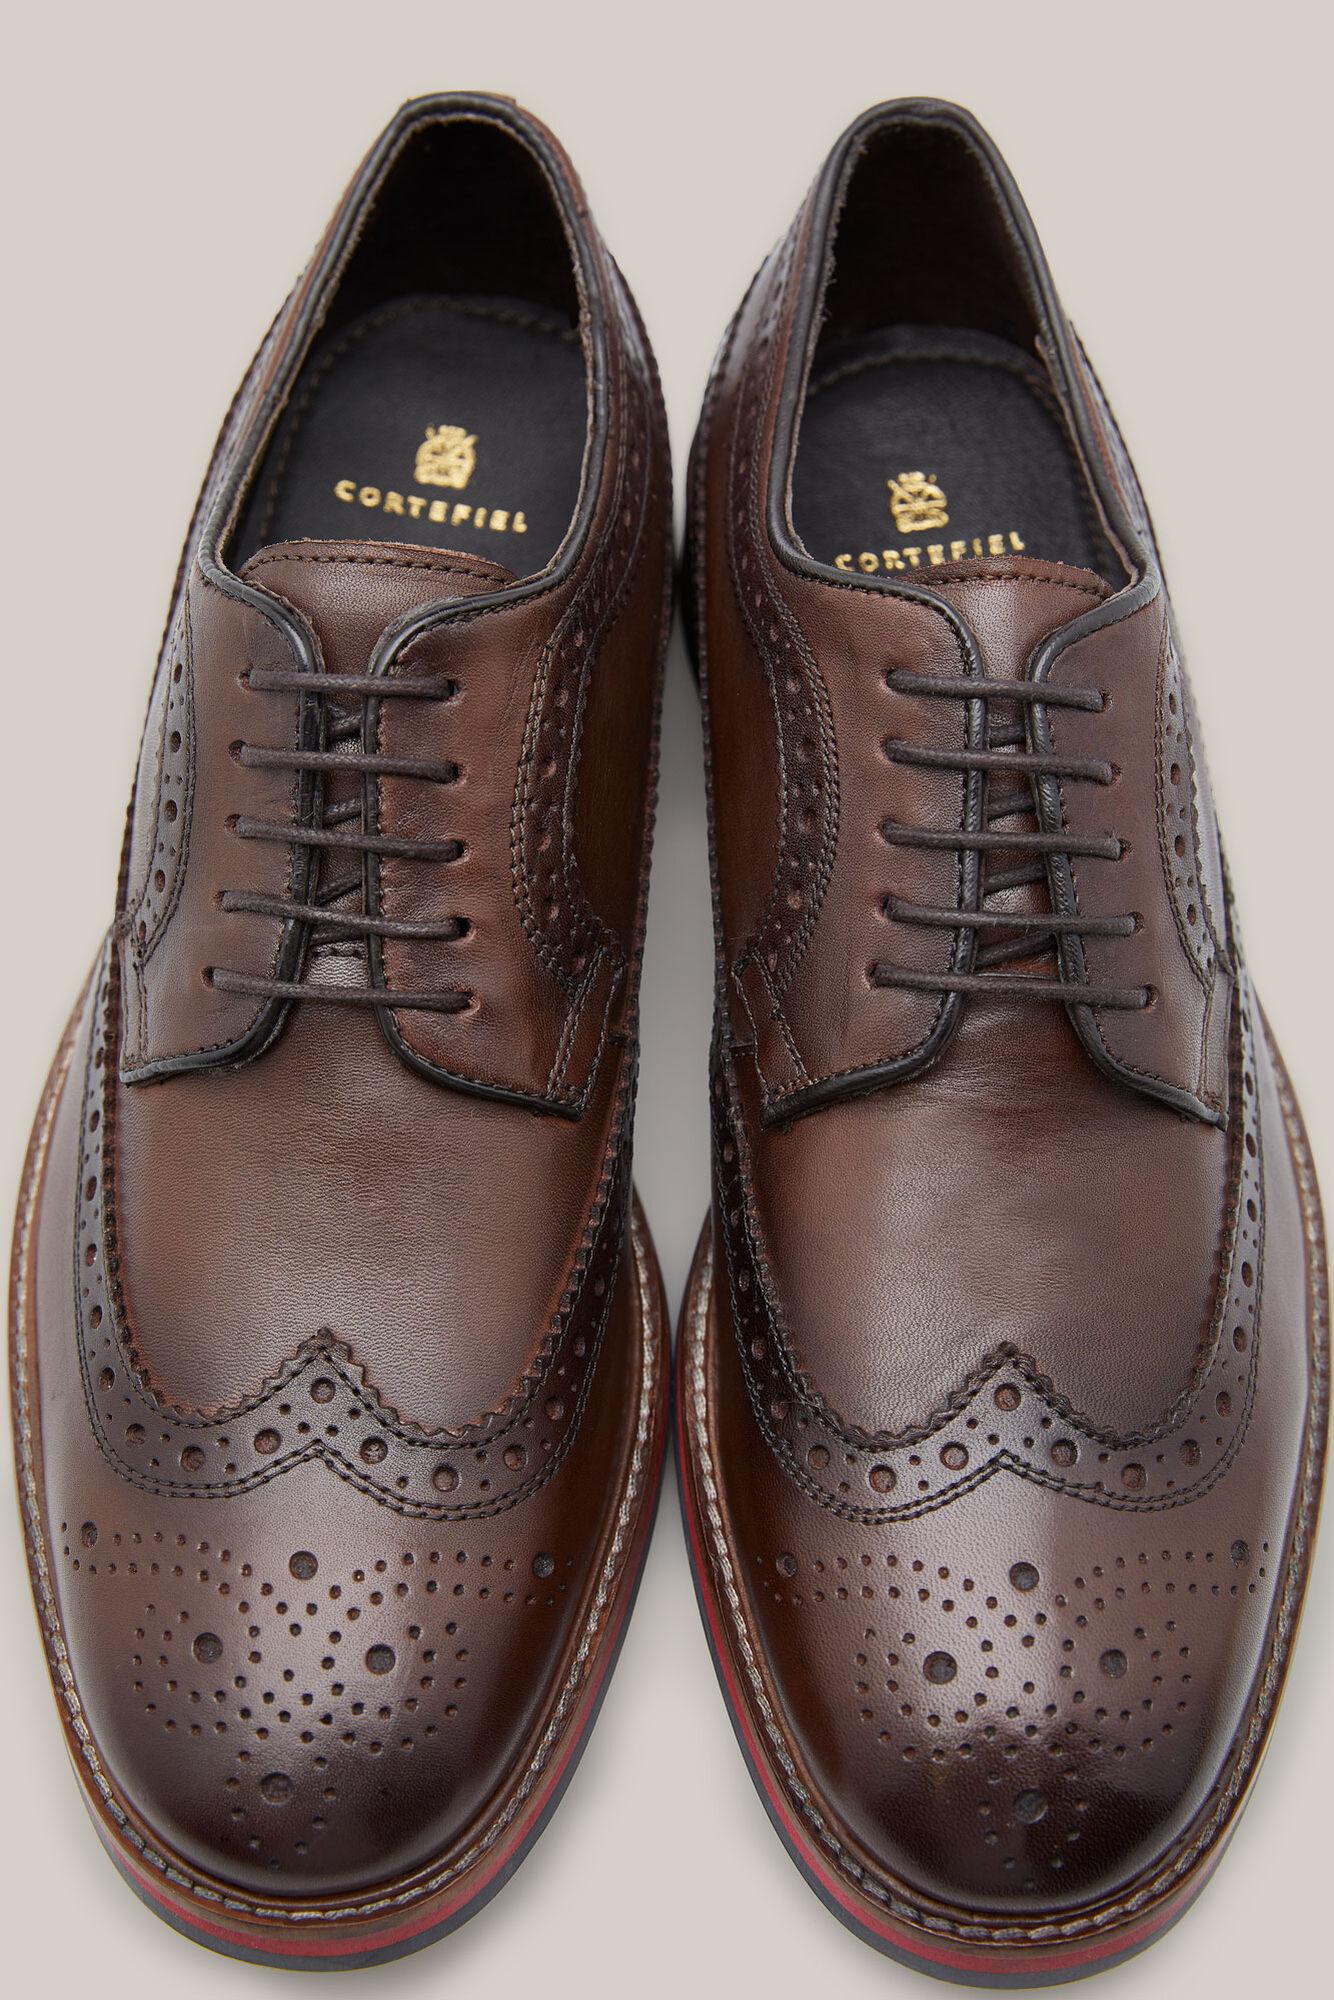 brillo encantador Descubrir diseños atractivos Brogue style leather shoes